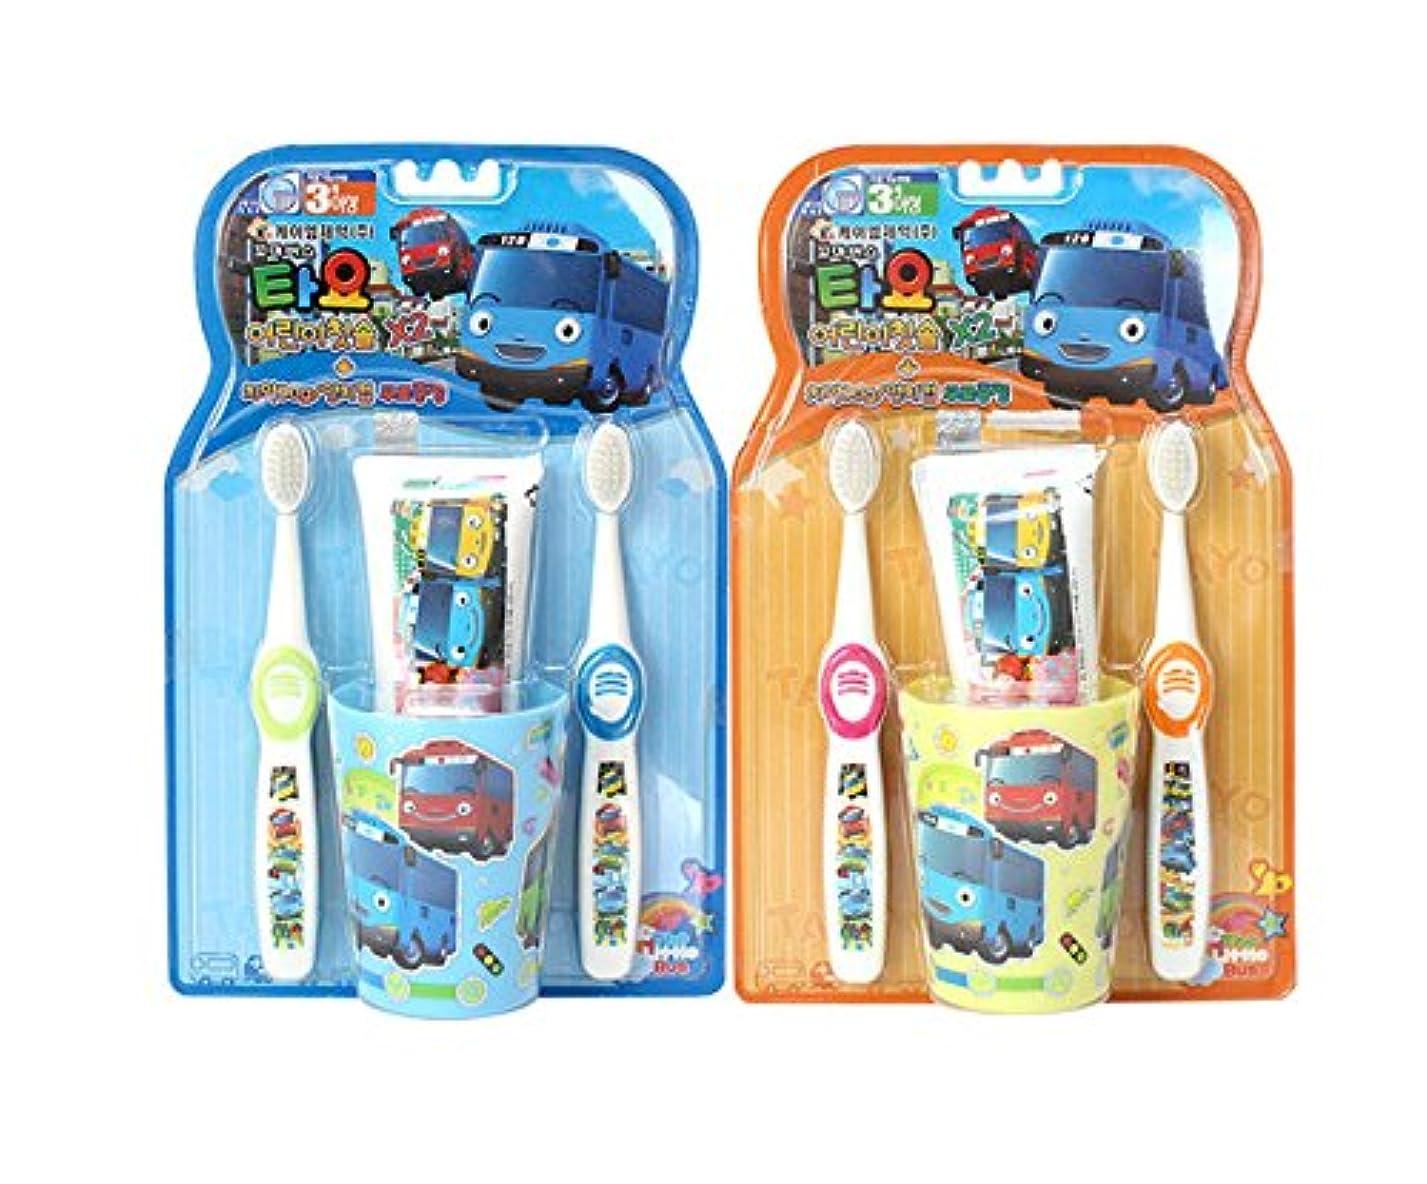 豊富な精神第九[SET] Tayo The Little Bus ちびっこバス タヨ 子ども用ハブラシ 乳歯?オーラルケア 歯磨き粉 歯ブラシ 歯カップ セット 歯磨きセット子供の歯ブラシ (2 SET) [並行輸入品]